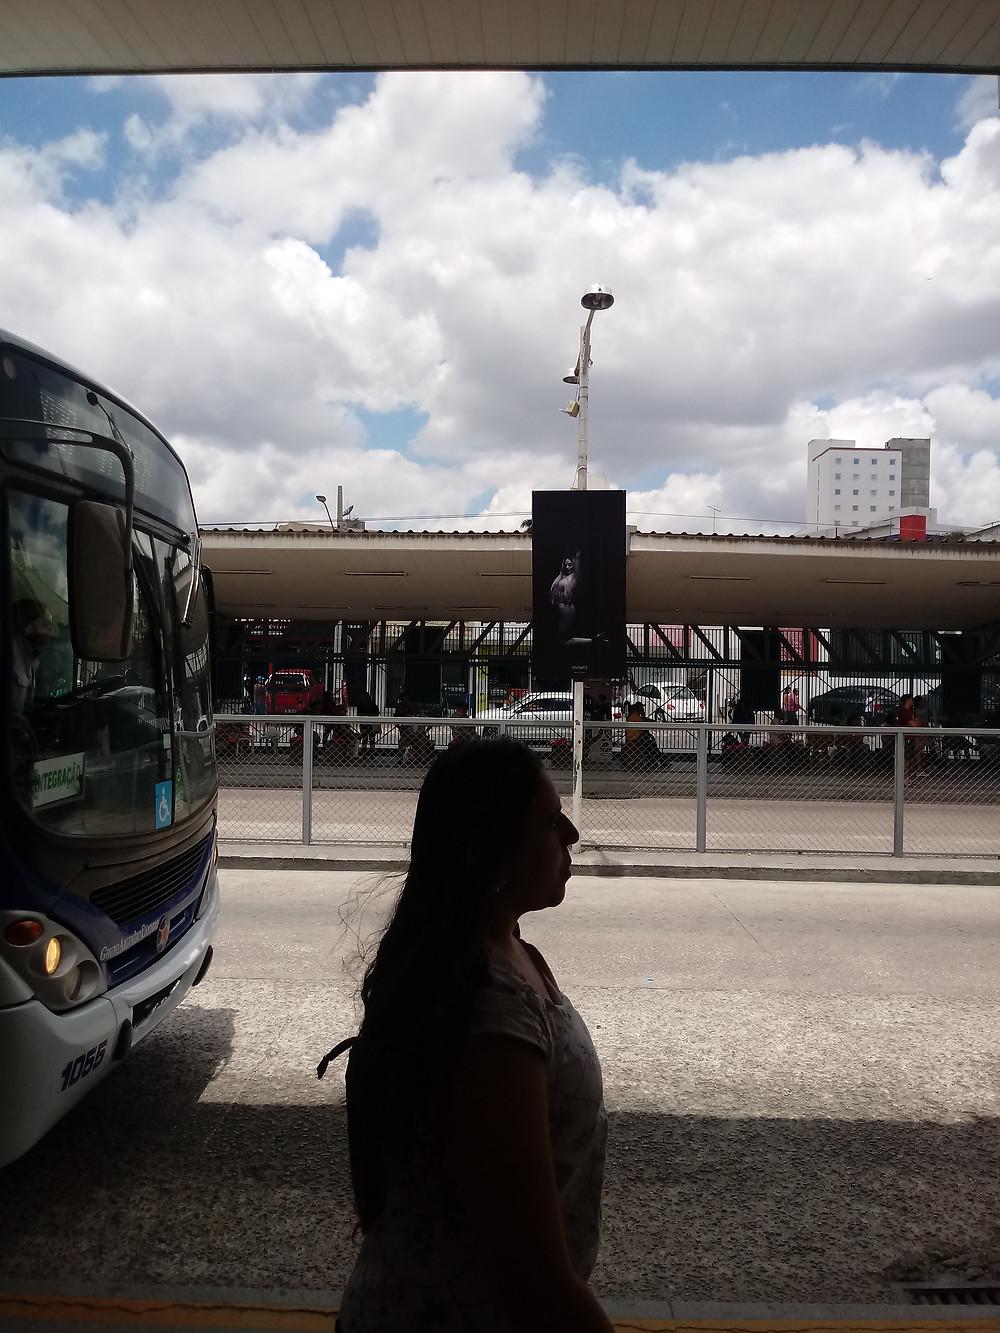 Passageira circula no Terminal de Ônibus com cartazes mostrando fotos sobre intolerância.